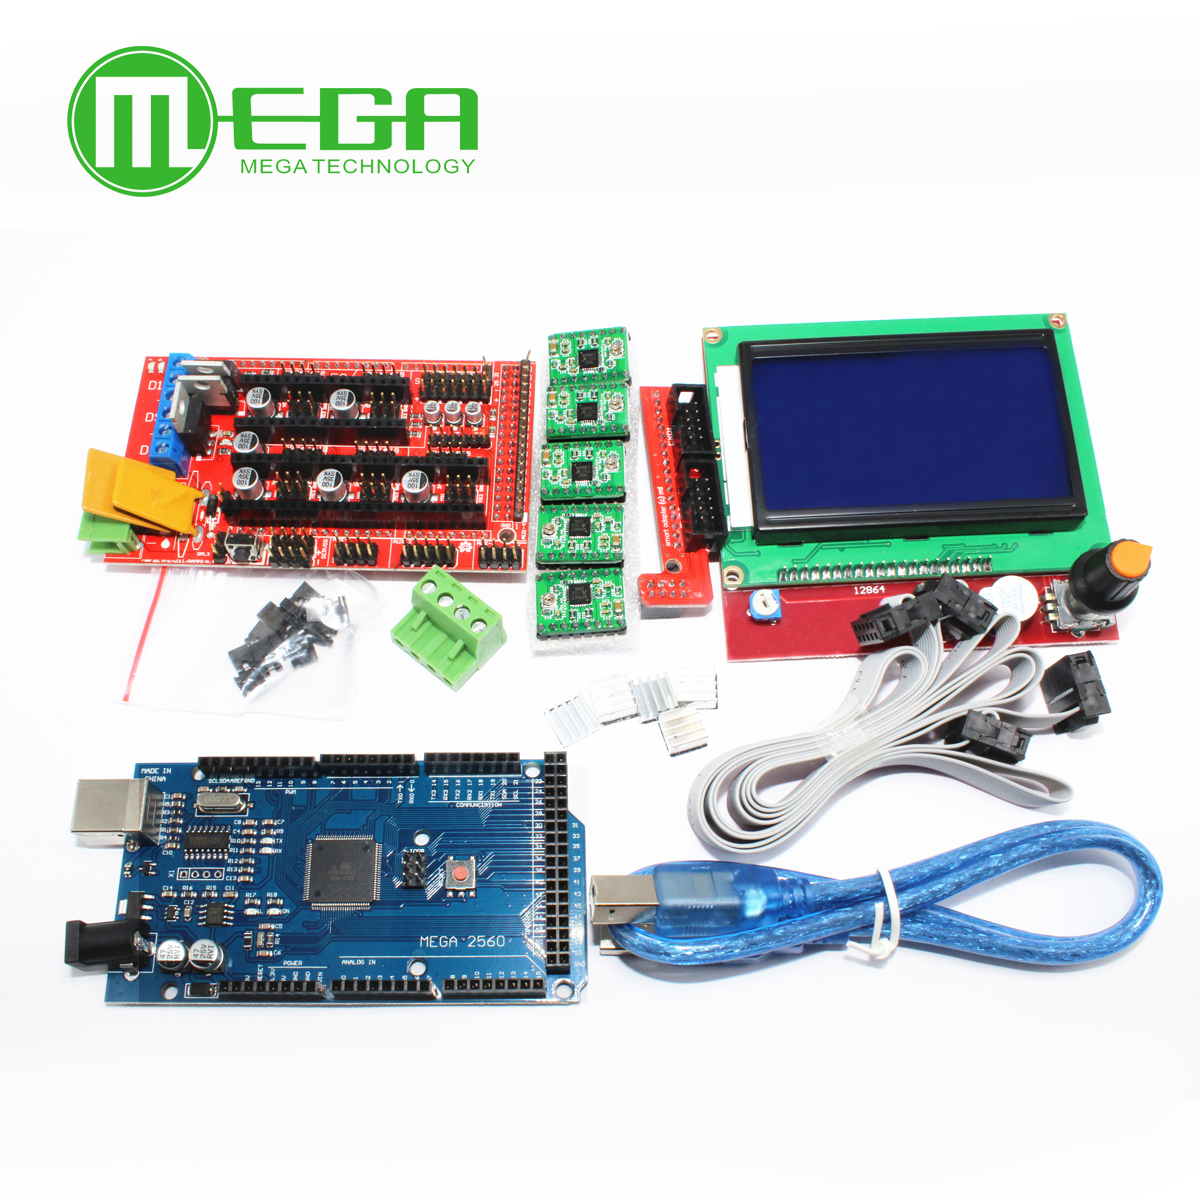 1 pcs Méga 2560 R3 CH340 + 1 pcs RAMPES 1.4 Contrôleur + 5 pcs A4988 Pilote Pas À Pas Module + 1 pcs 12864 contrôleur pour 3D kit D'imprimante